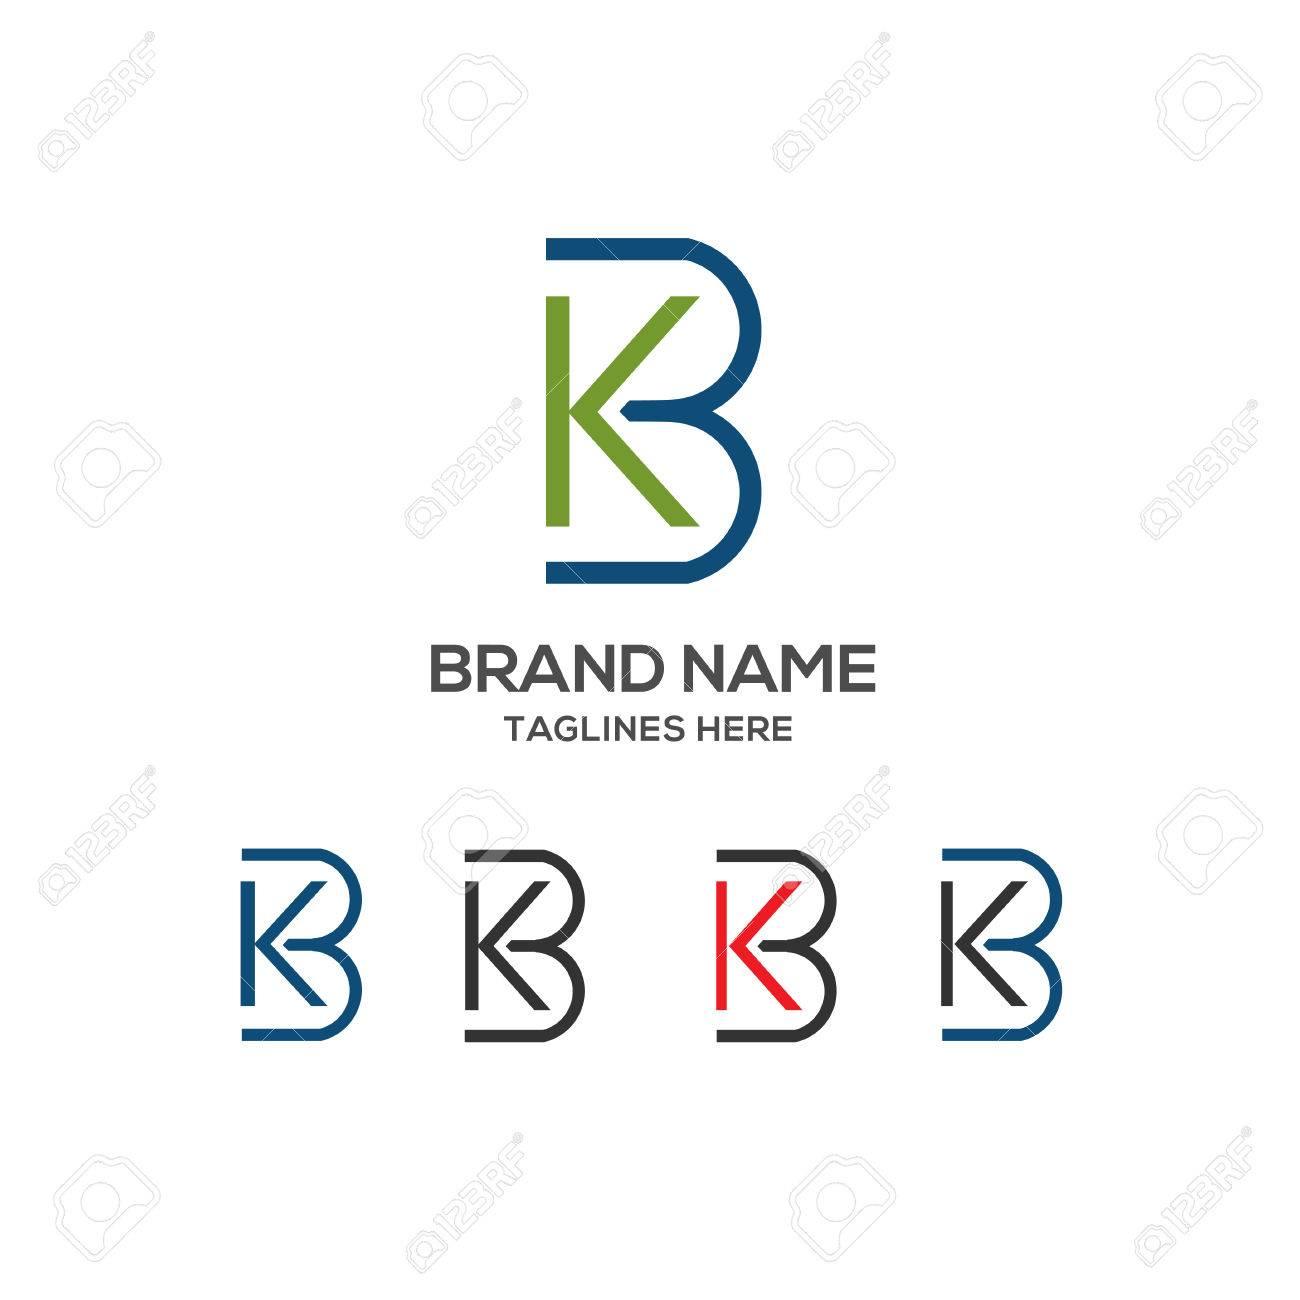 kb letter logo design vector illustration template k letter logo